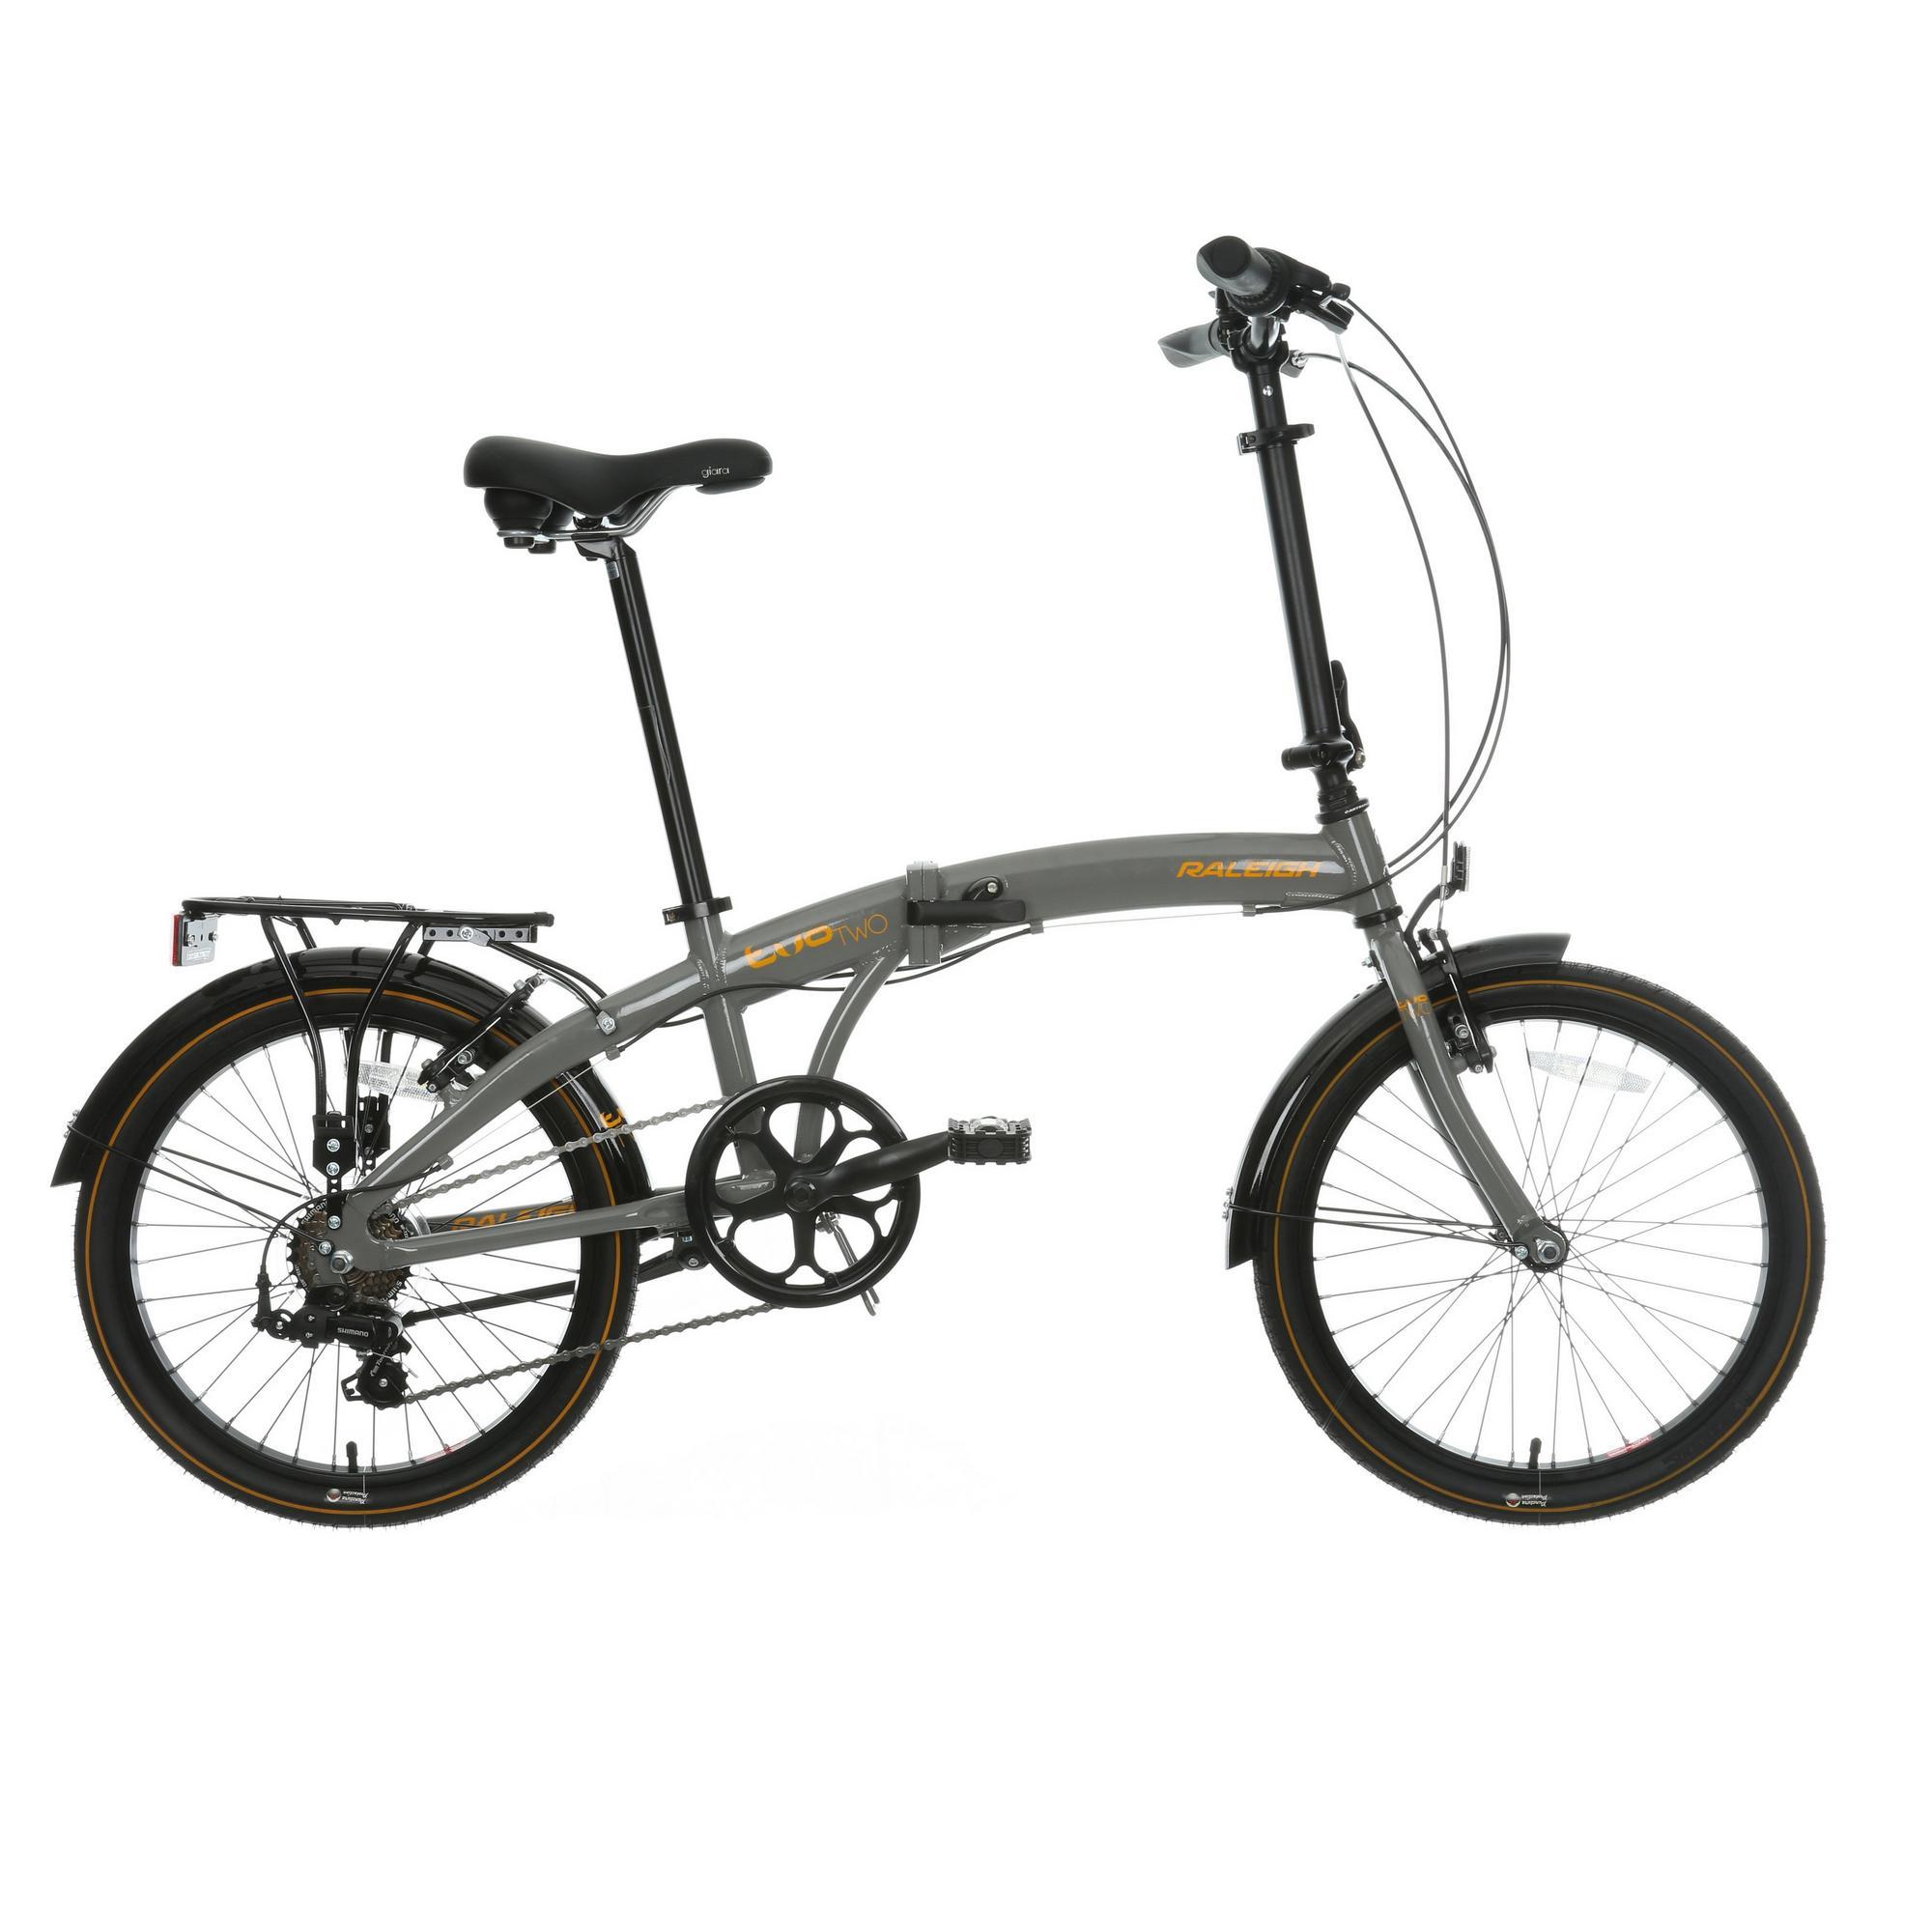 Raleigh Evo 2 Mens Womens Folding Bike Bicycle V Brake